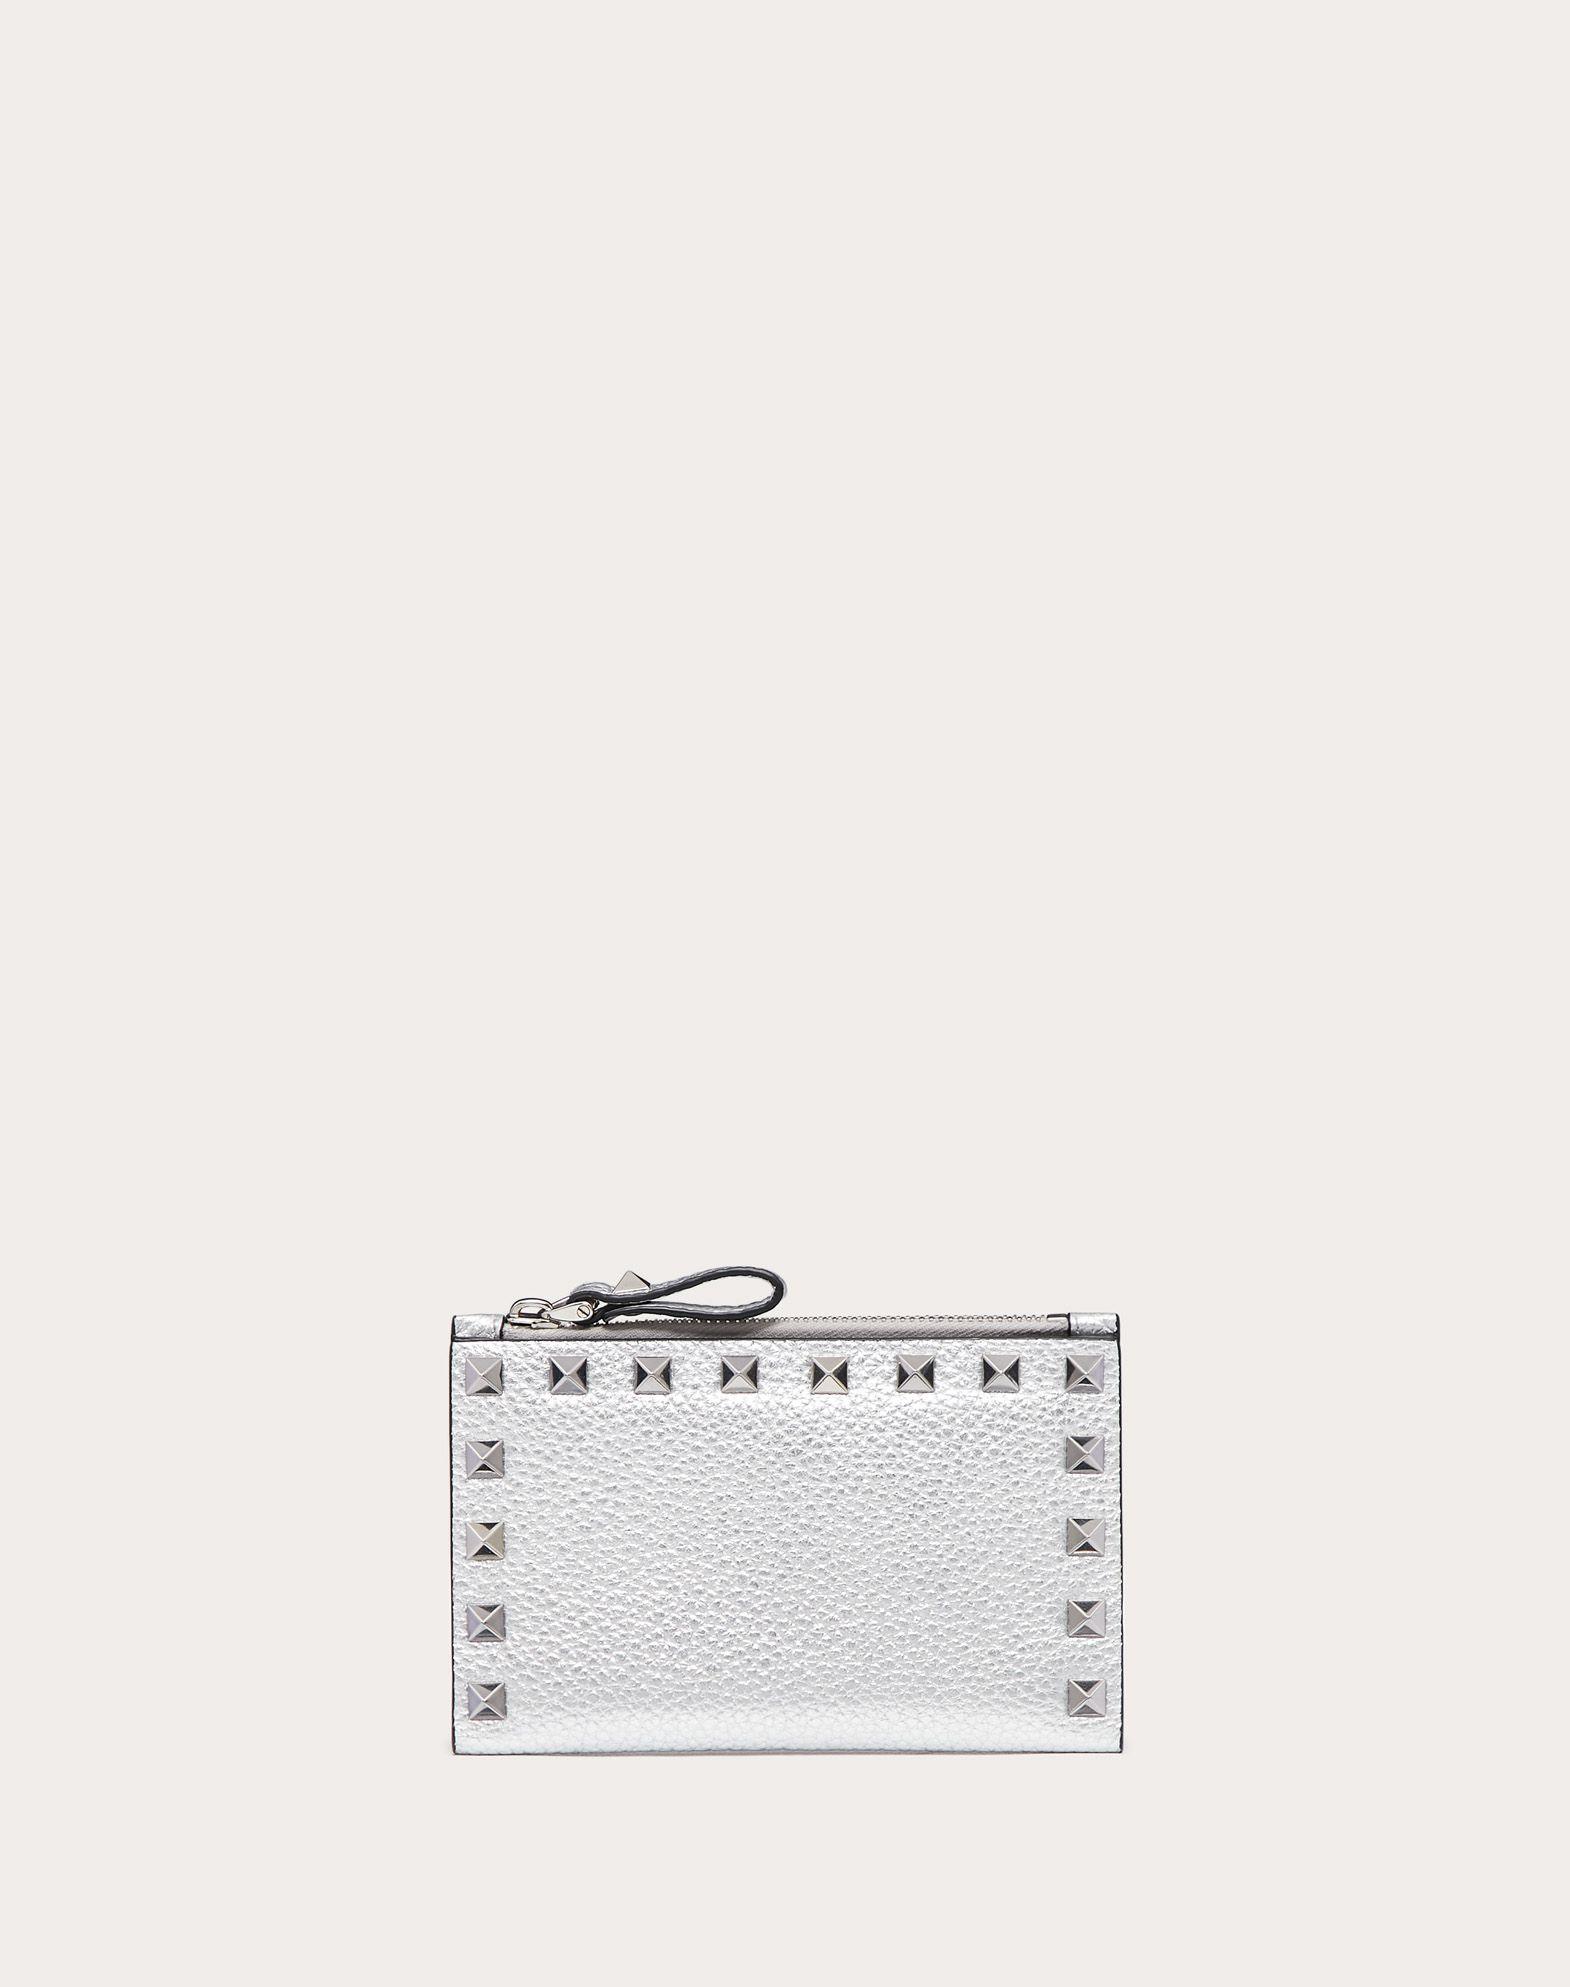 Valentino Garavani - Porte-cartes en cuir Rockstud h2g7tvM